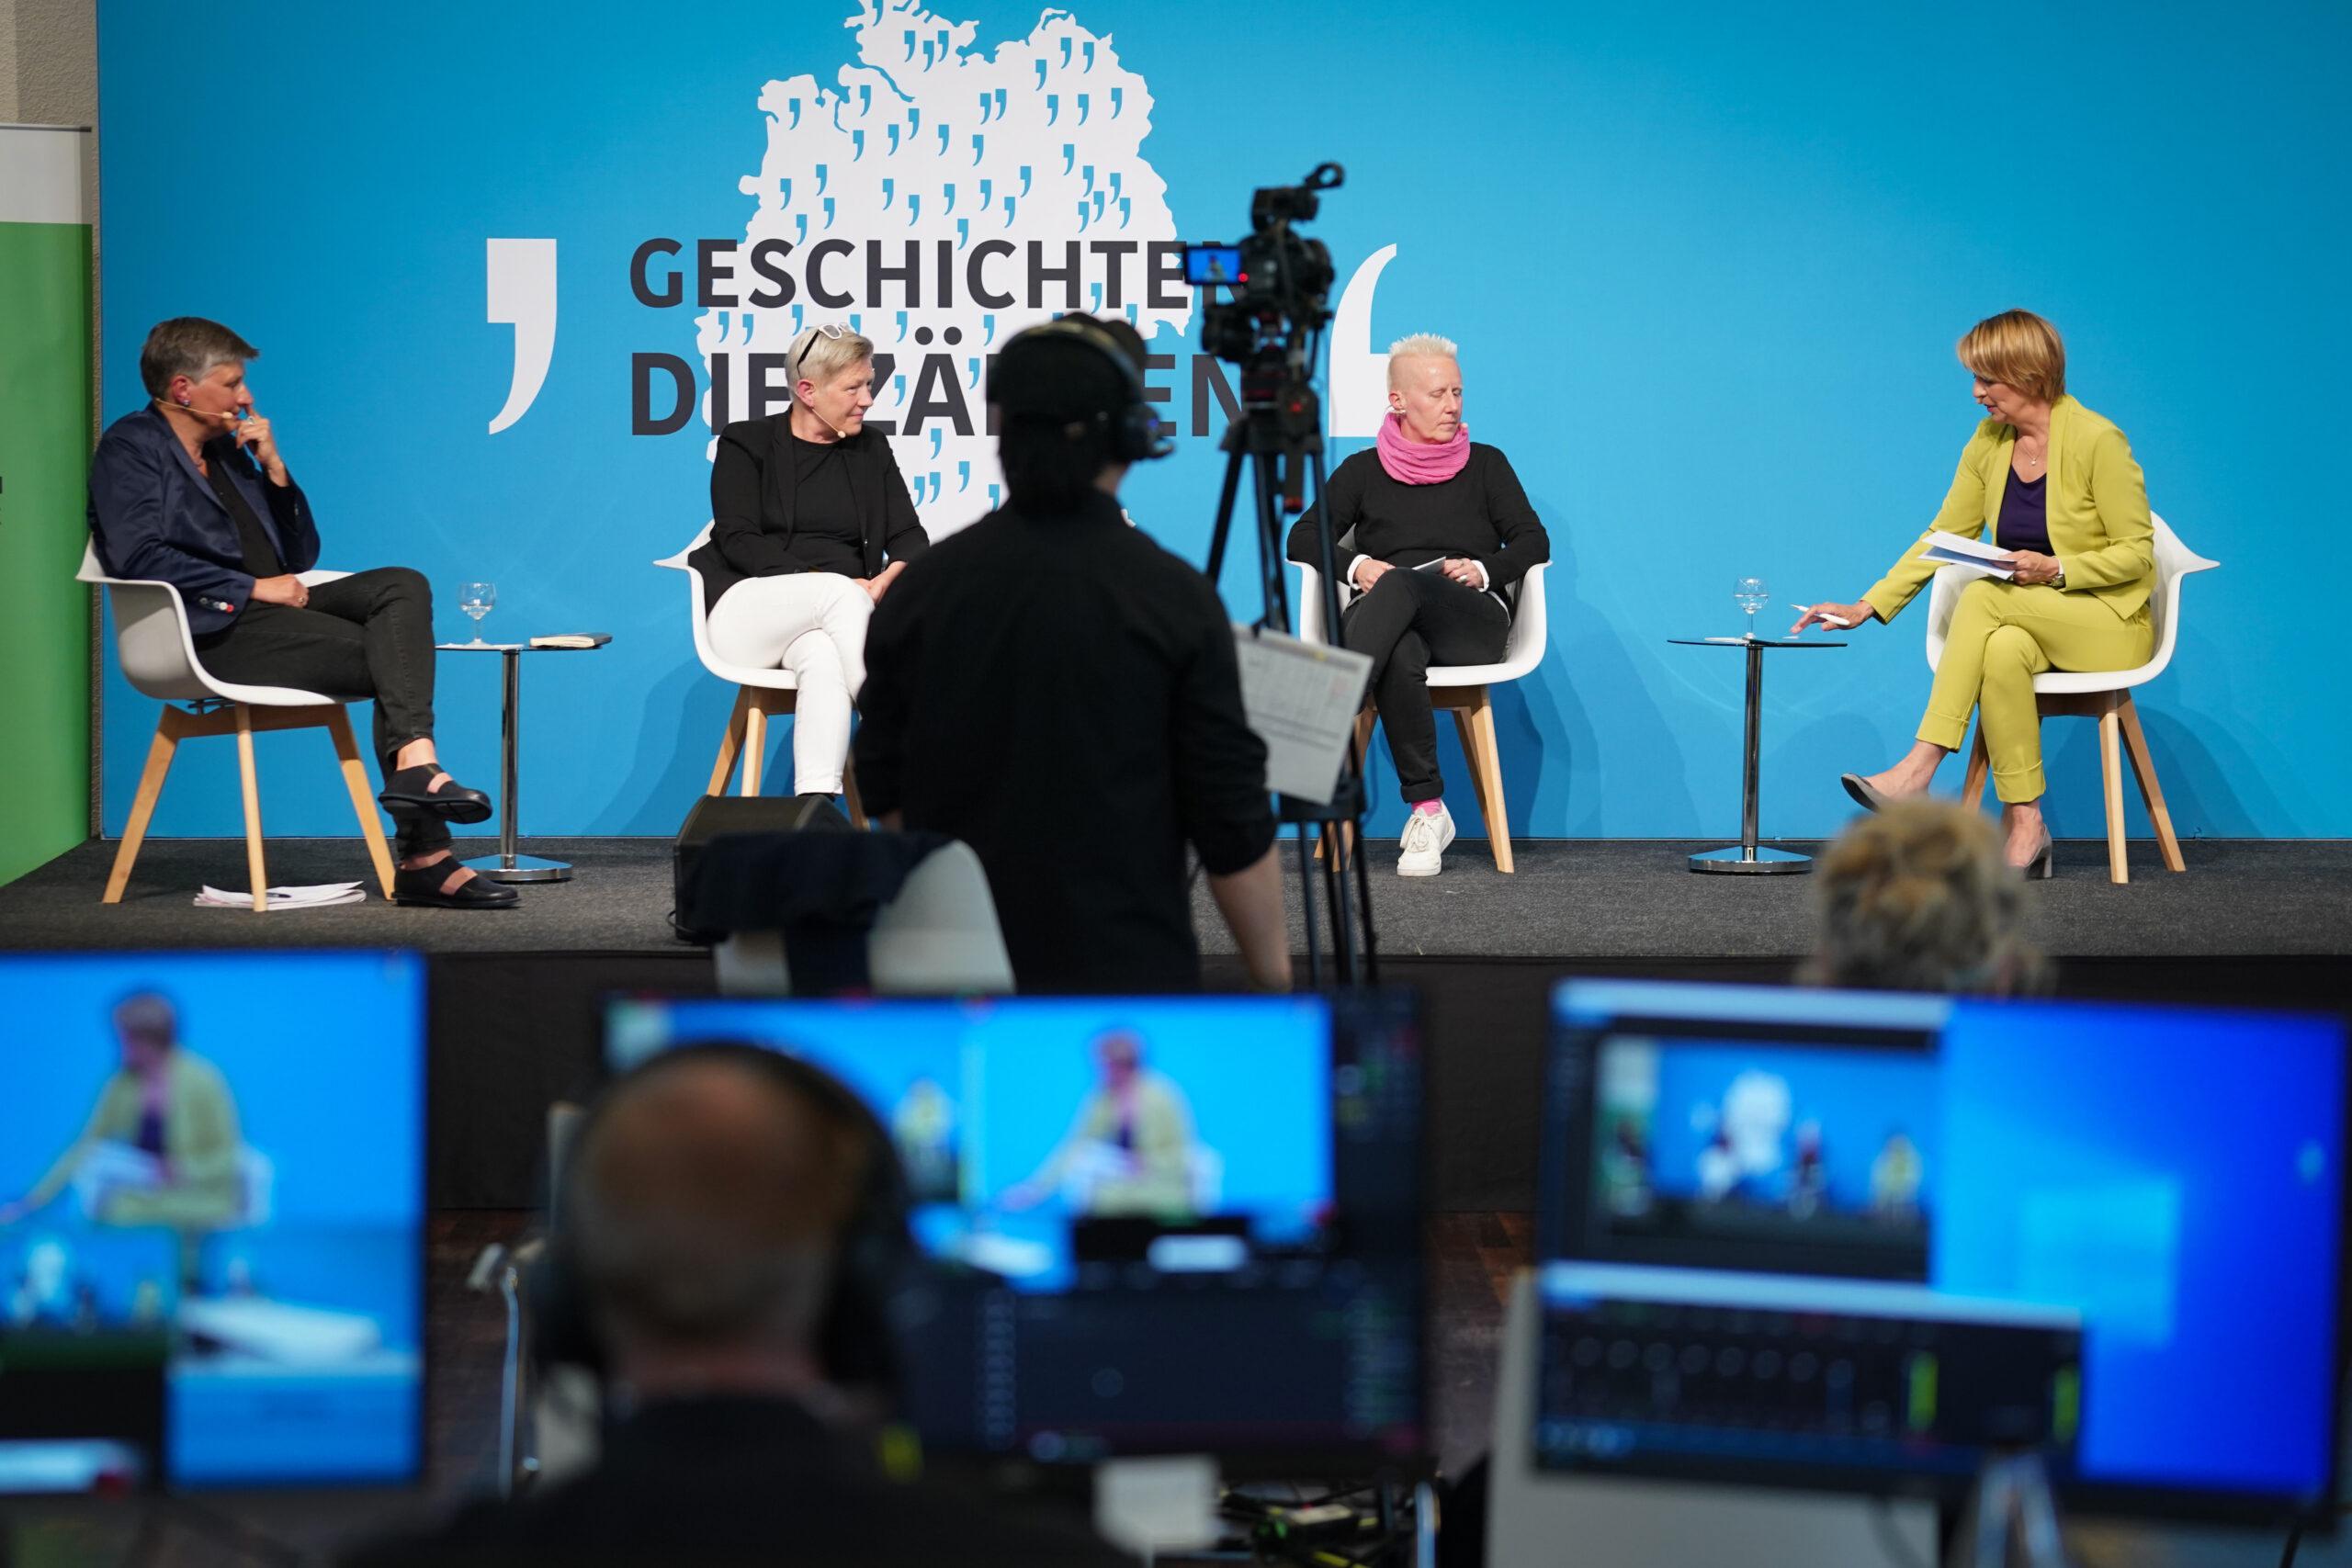 Vier Frauen sitzen auf einer Bühne und sprechen miteinander. Im Vordergrund befinden sich Kameras und Bildschirme.